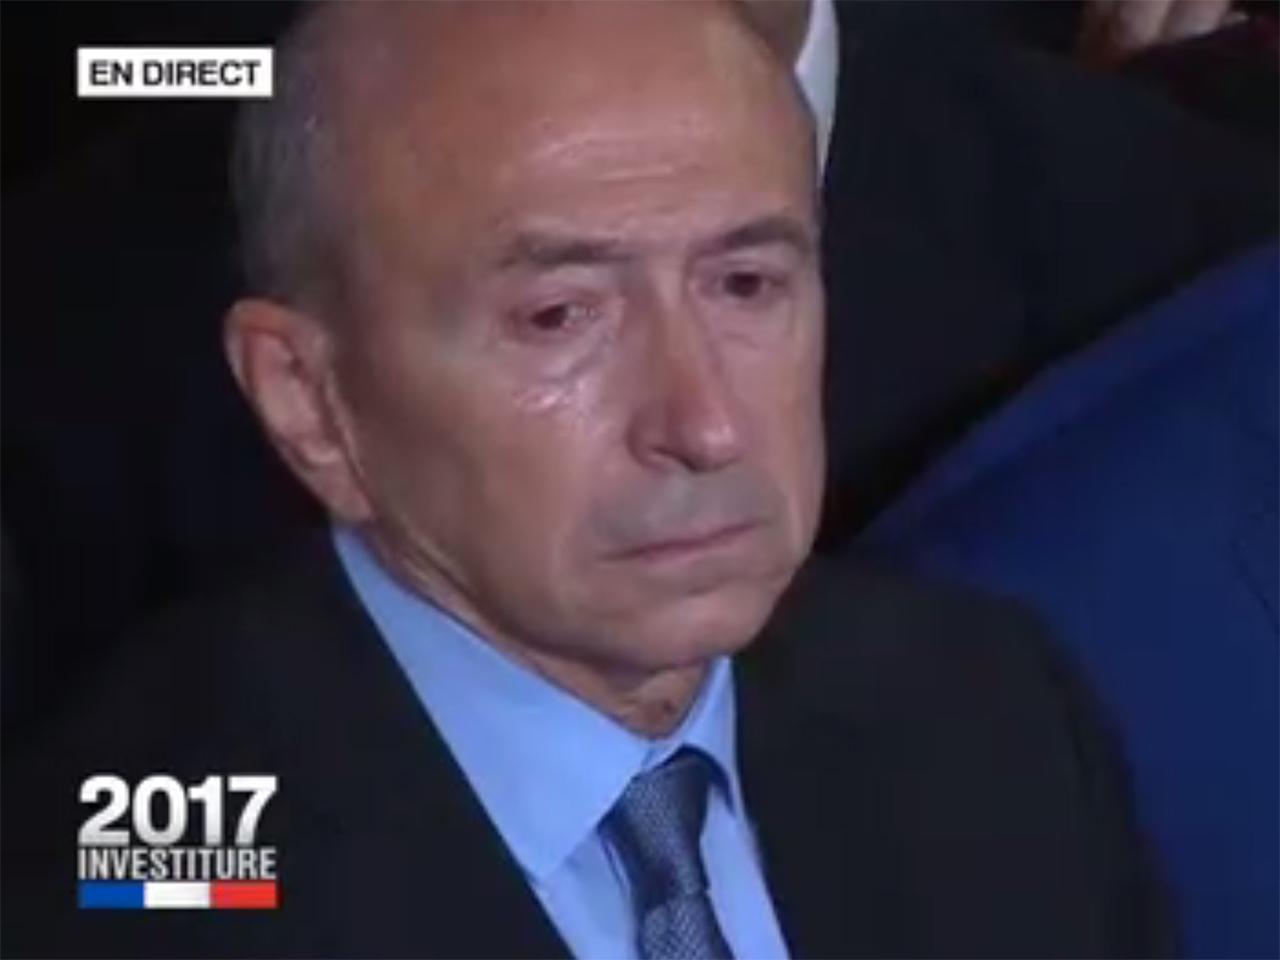 VIDÉO. Investiture d'Emmanuel Macron: Gérard Collomb ému aux larmes